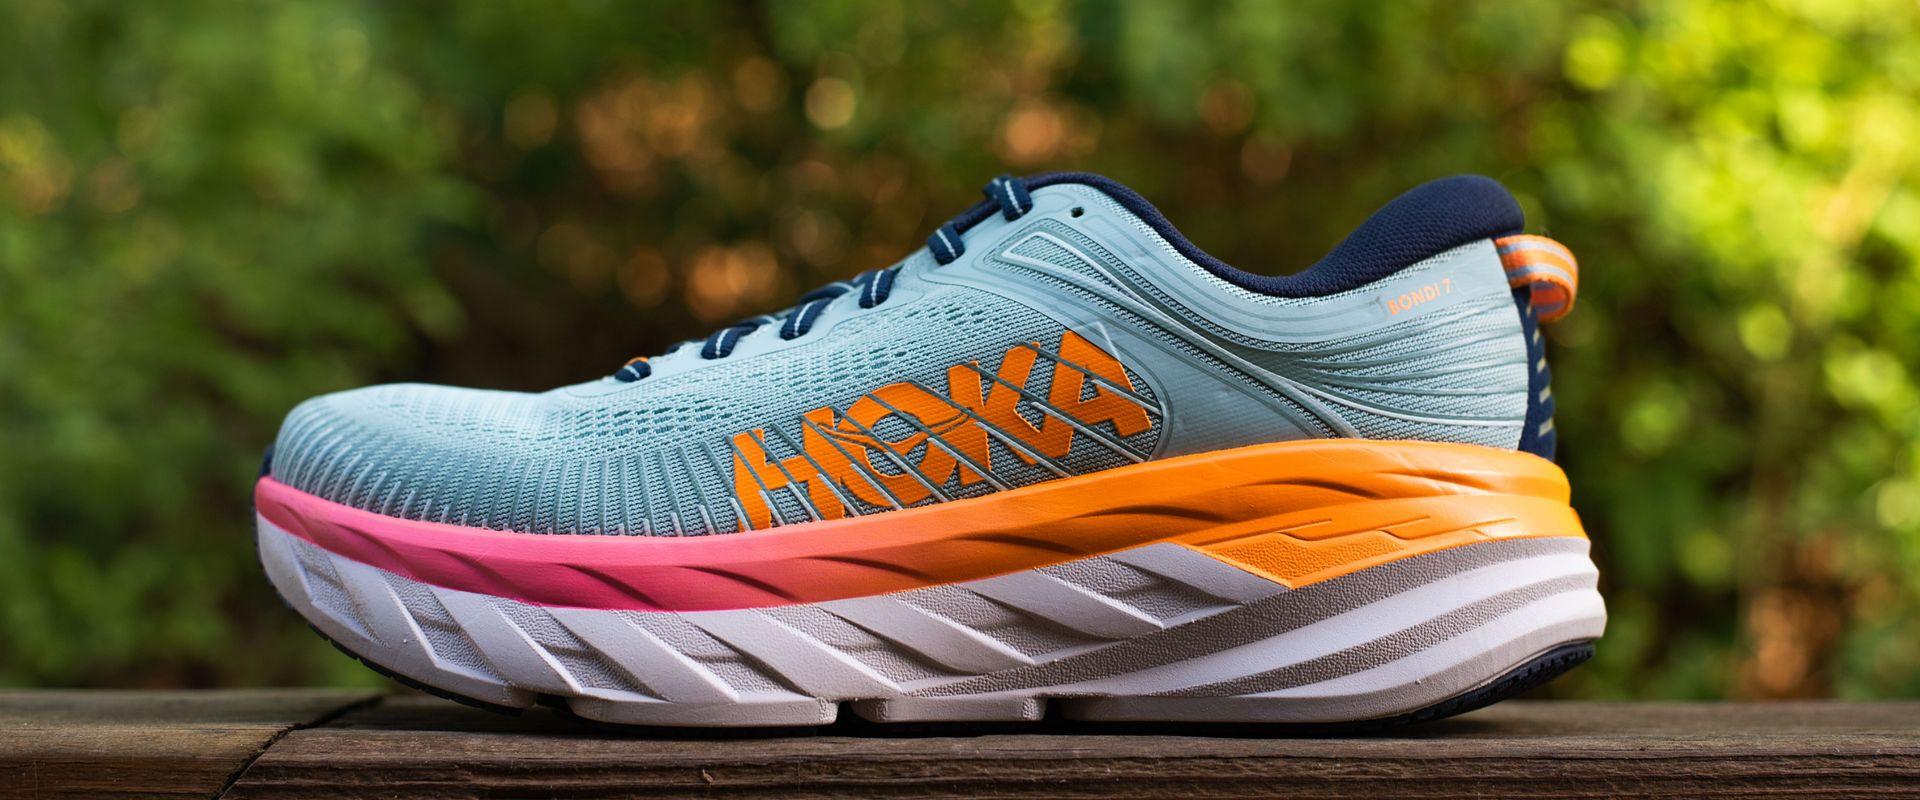 HOKA Bondi 7 | Shoe Review | Fleet Feet